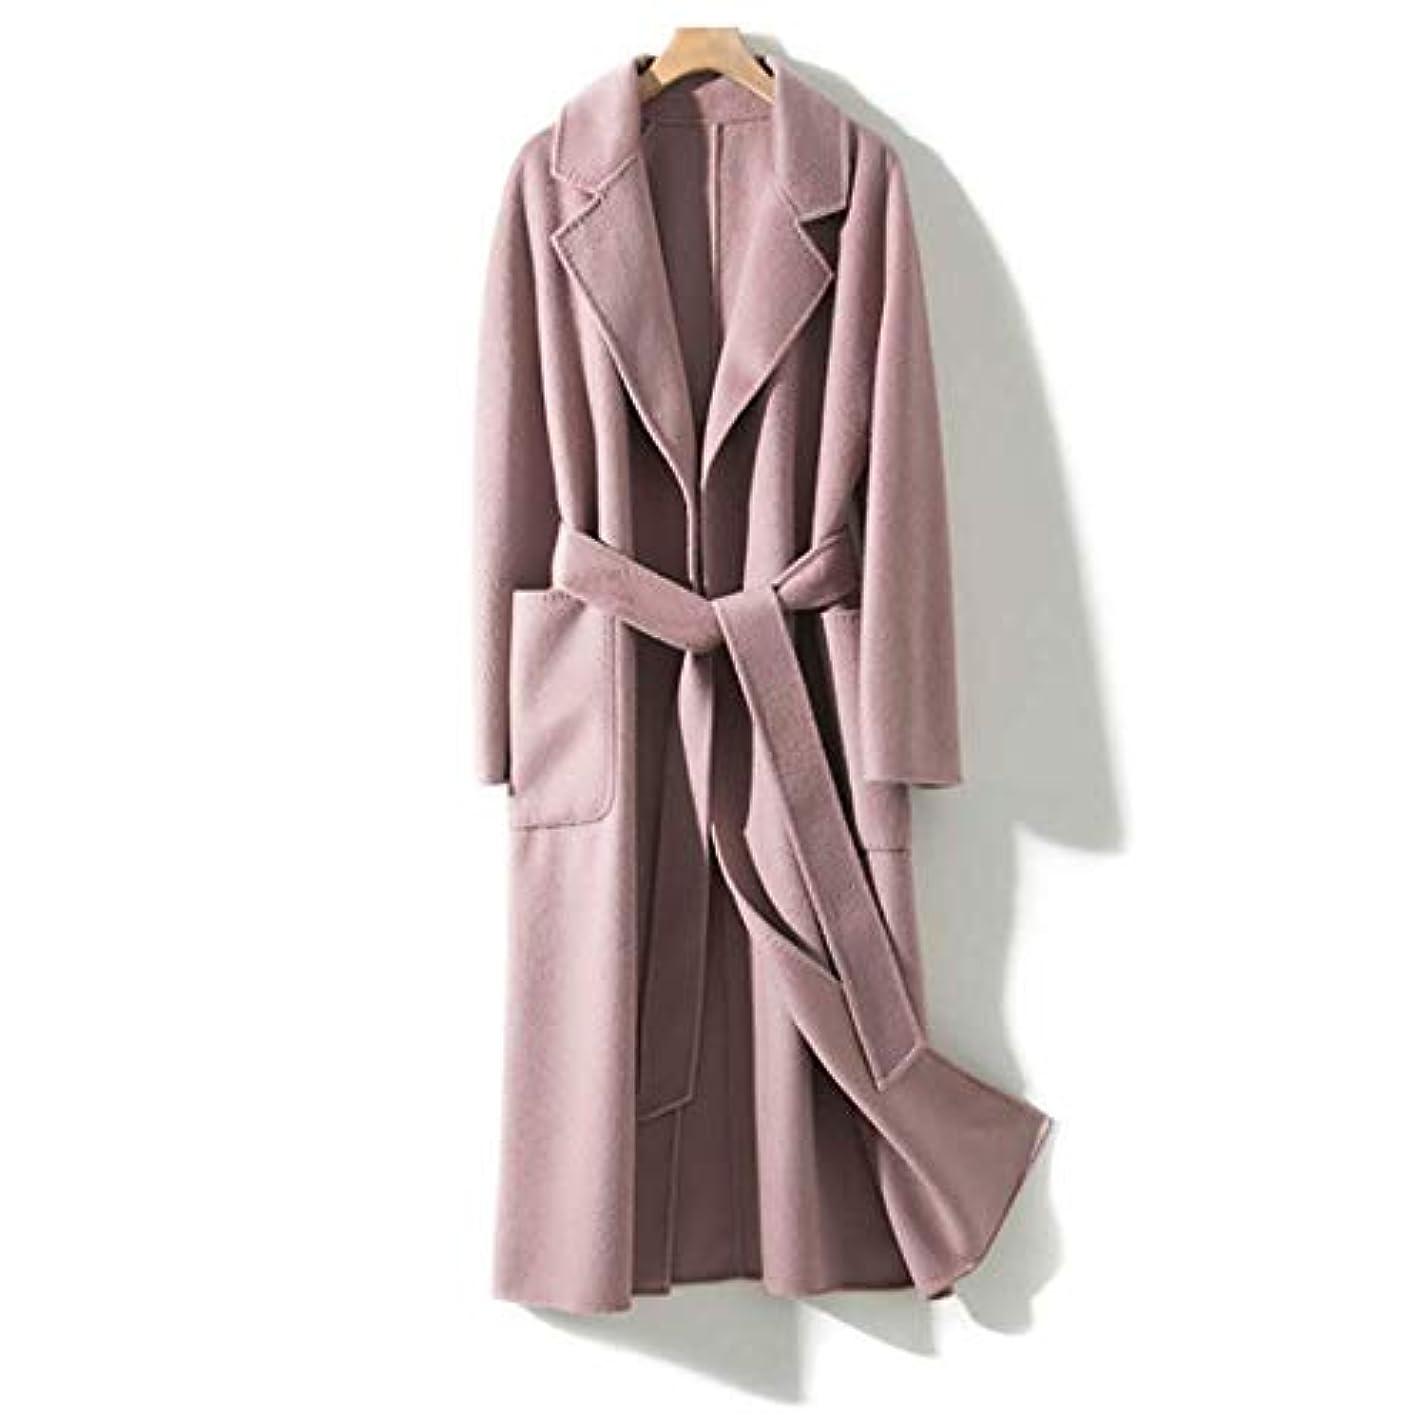 木製刺繍クリスチャン両面カシミアコート、波状両面カシミヤコート女性の手縫い針女性のジャケット女性のコート女性のウインドブレーカージャケット,ピンク,M